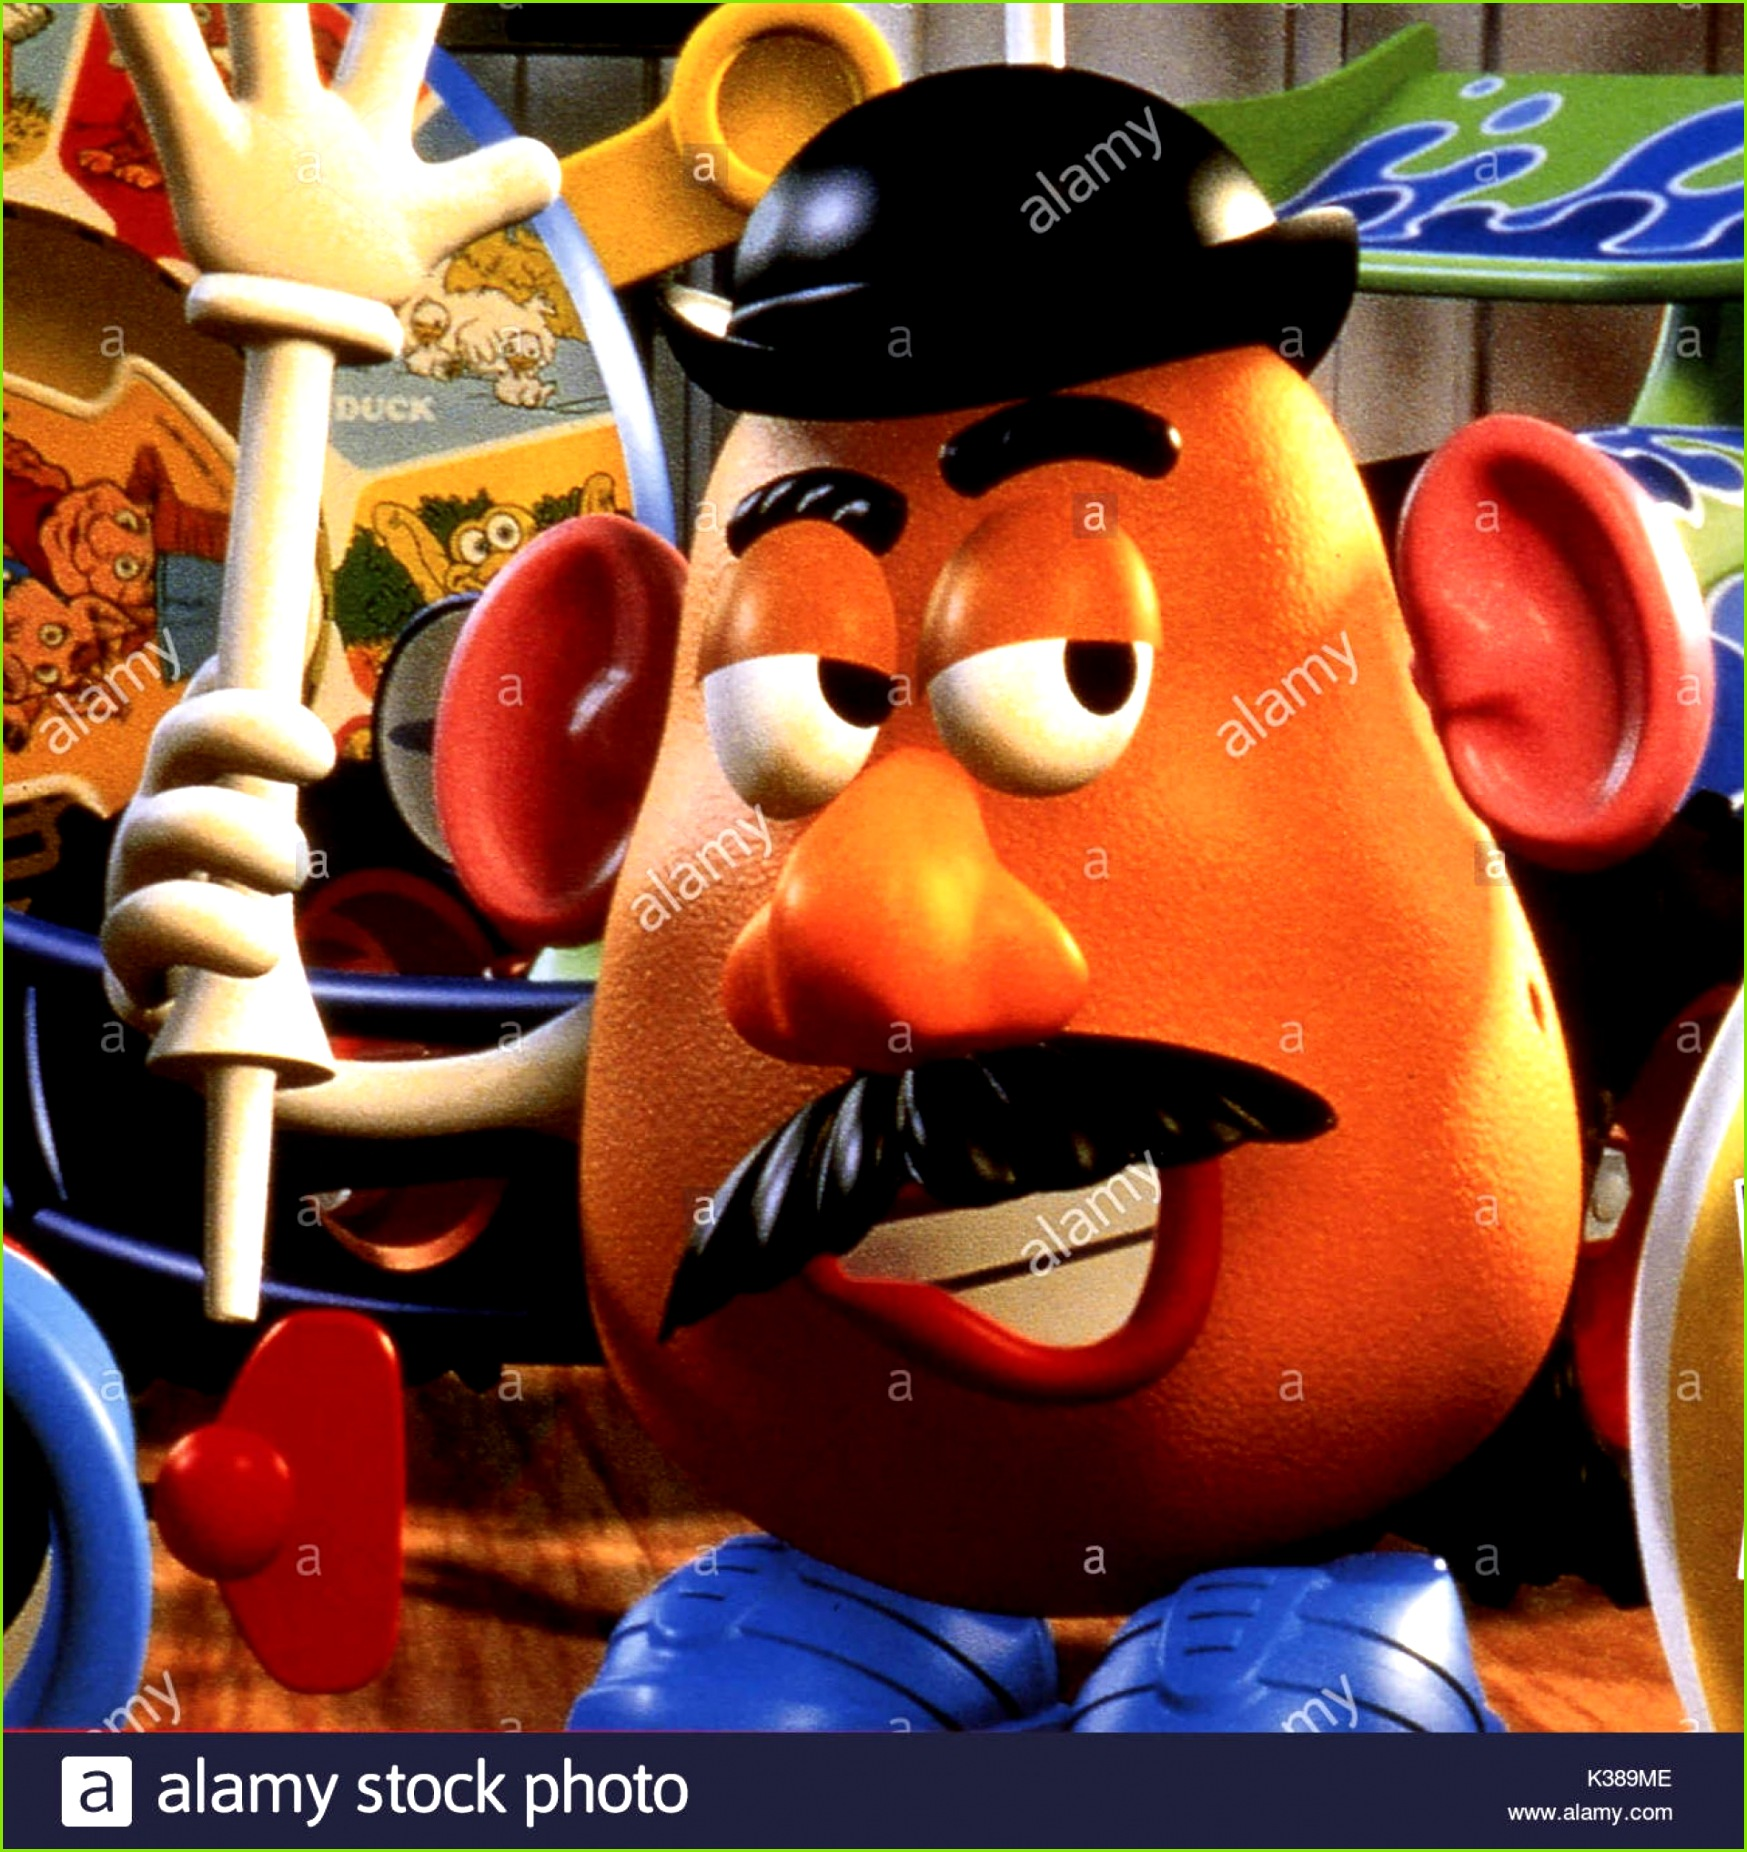 014 Malbuch Toy Story Copyright Walt Disney Herr Kartoffelkopf Bild Von Der Ronald Grant Archiv Datum